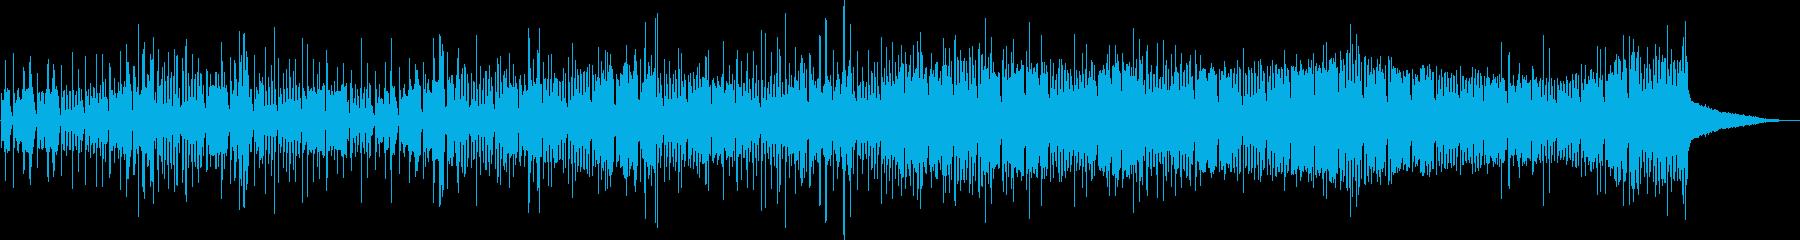 ミニマルで緊迫感あるサスペンスフルテクノの再生済みの波形